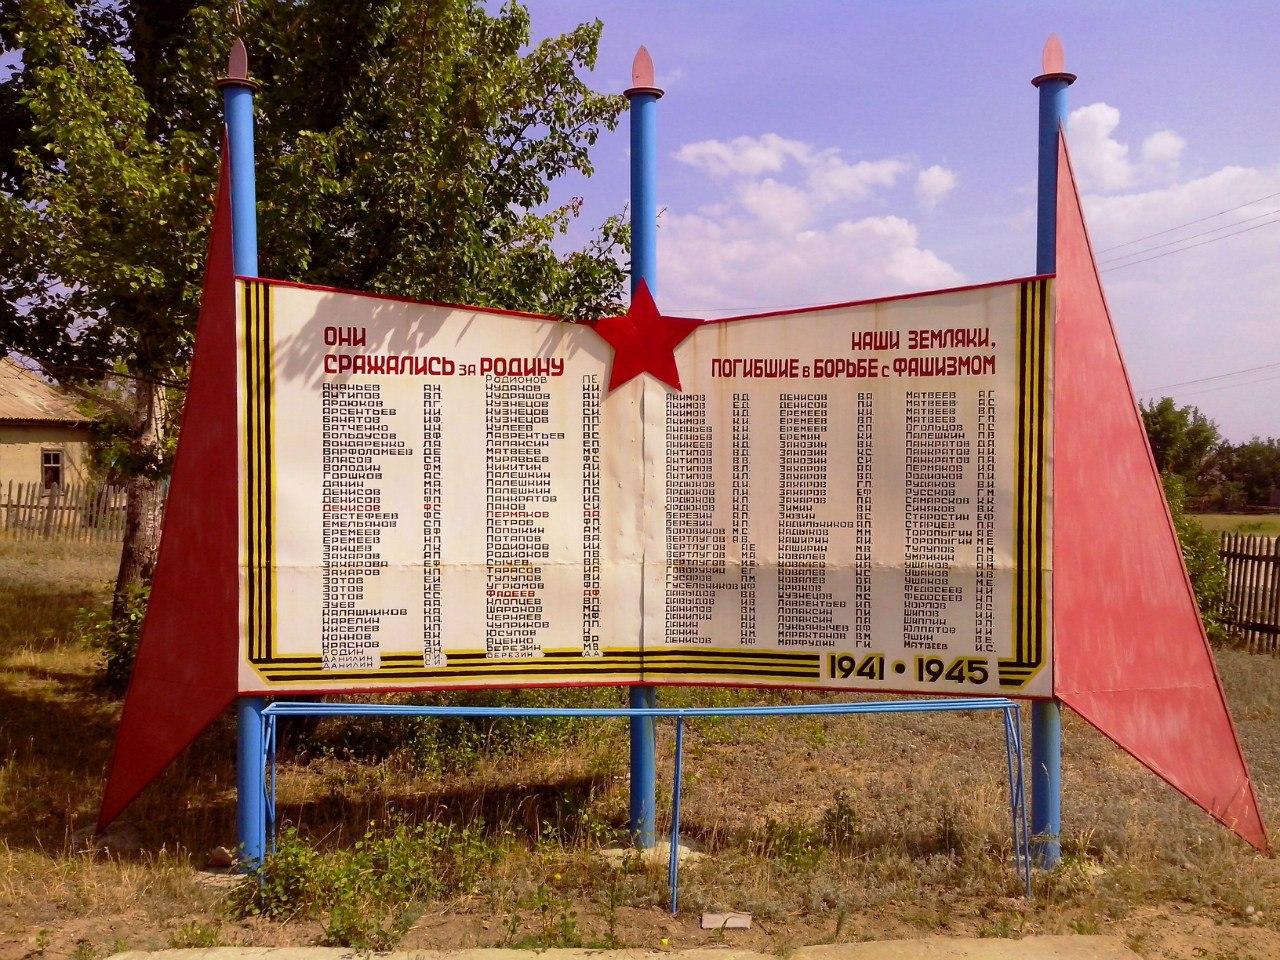 Памятник участникам ВОВ в Нижней Банновке. Автор фото Роман Кириллов